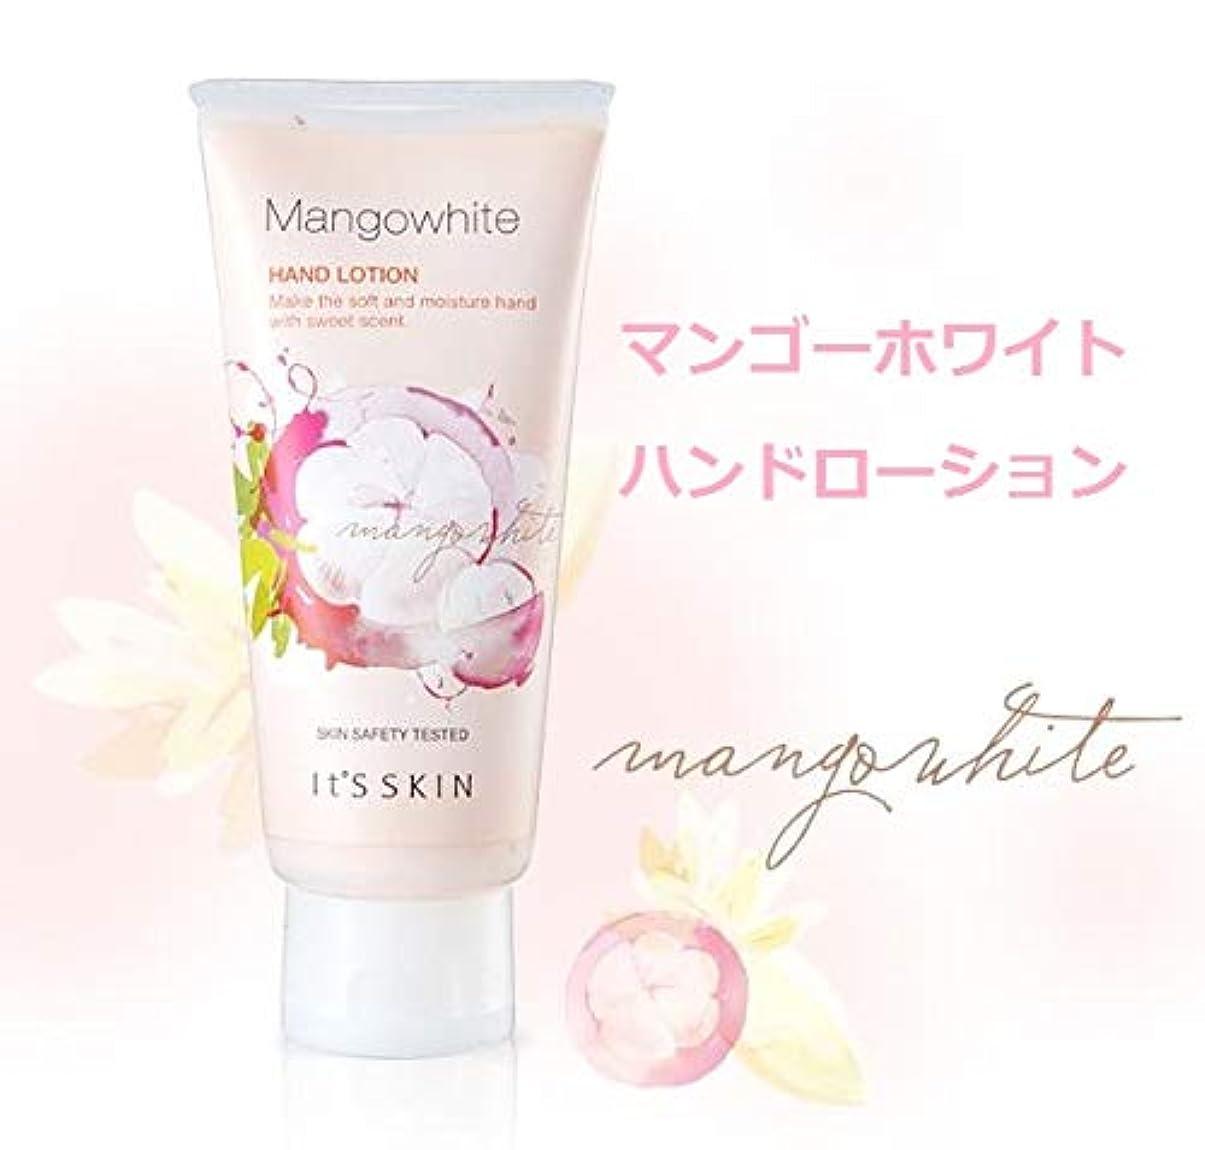 時間私たちIts skin Mangowhite Hand Lotion イッツスキン マンゴーホワイト ハンドローション 75ml [並行輸入品]